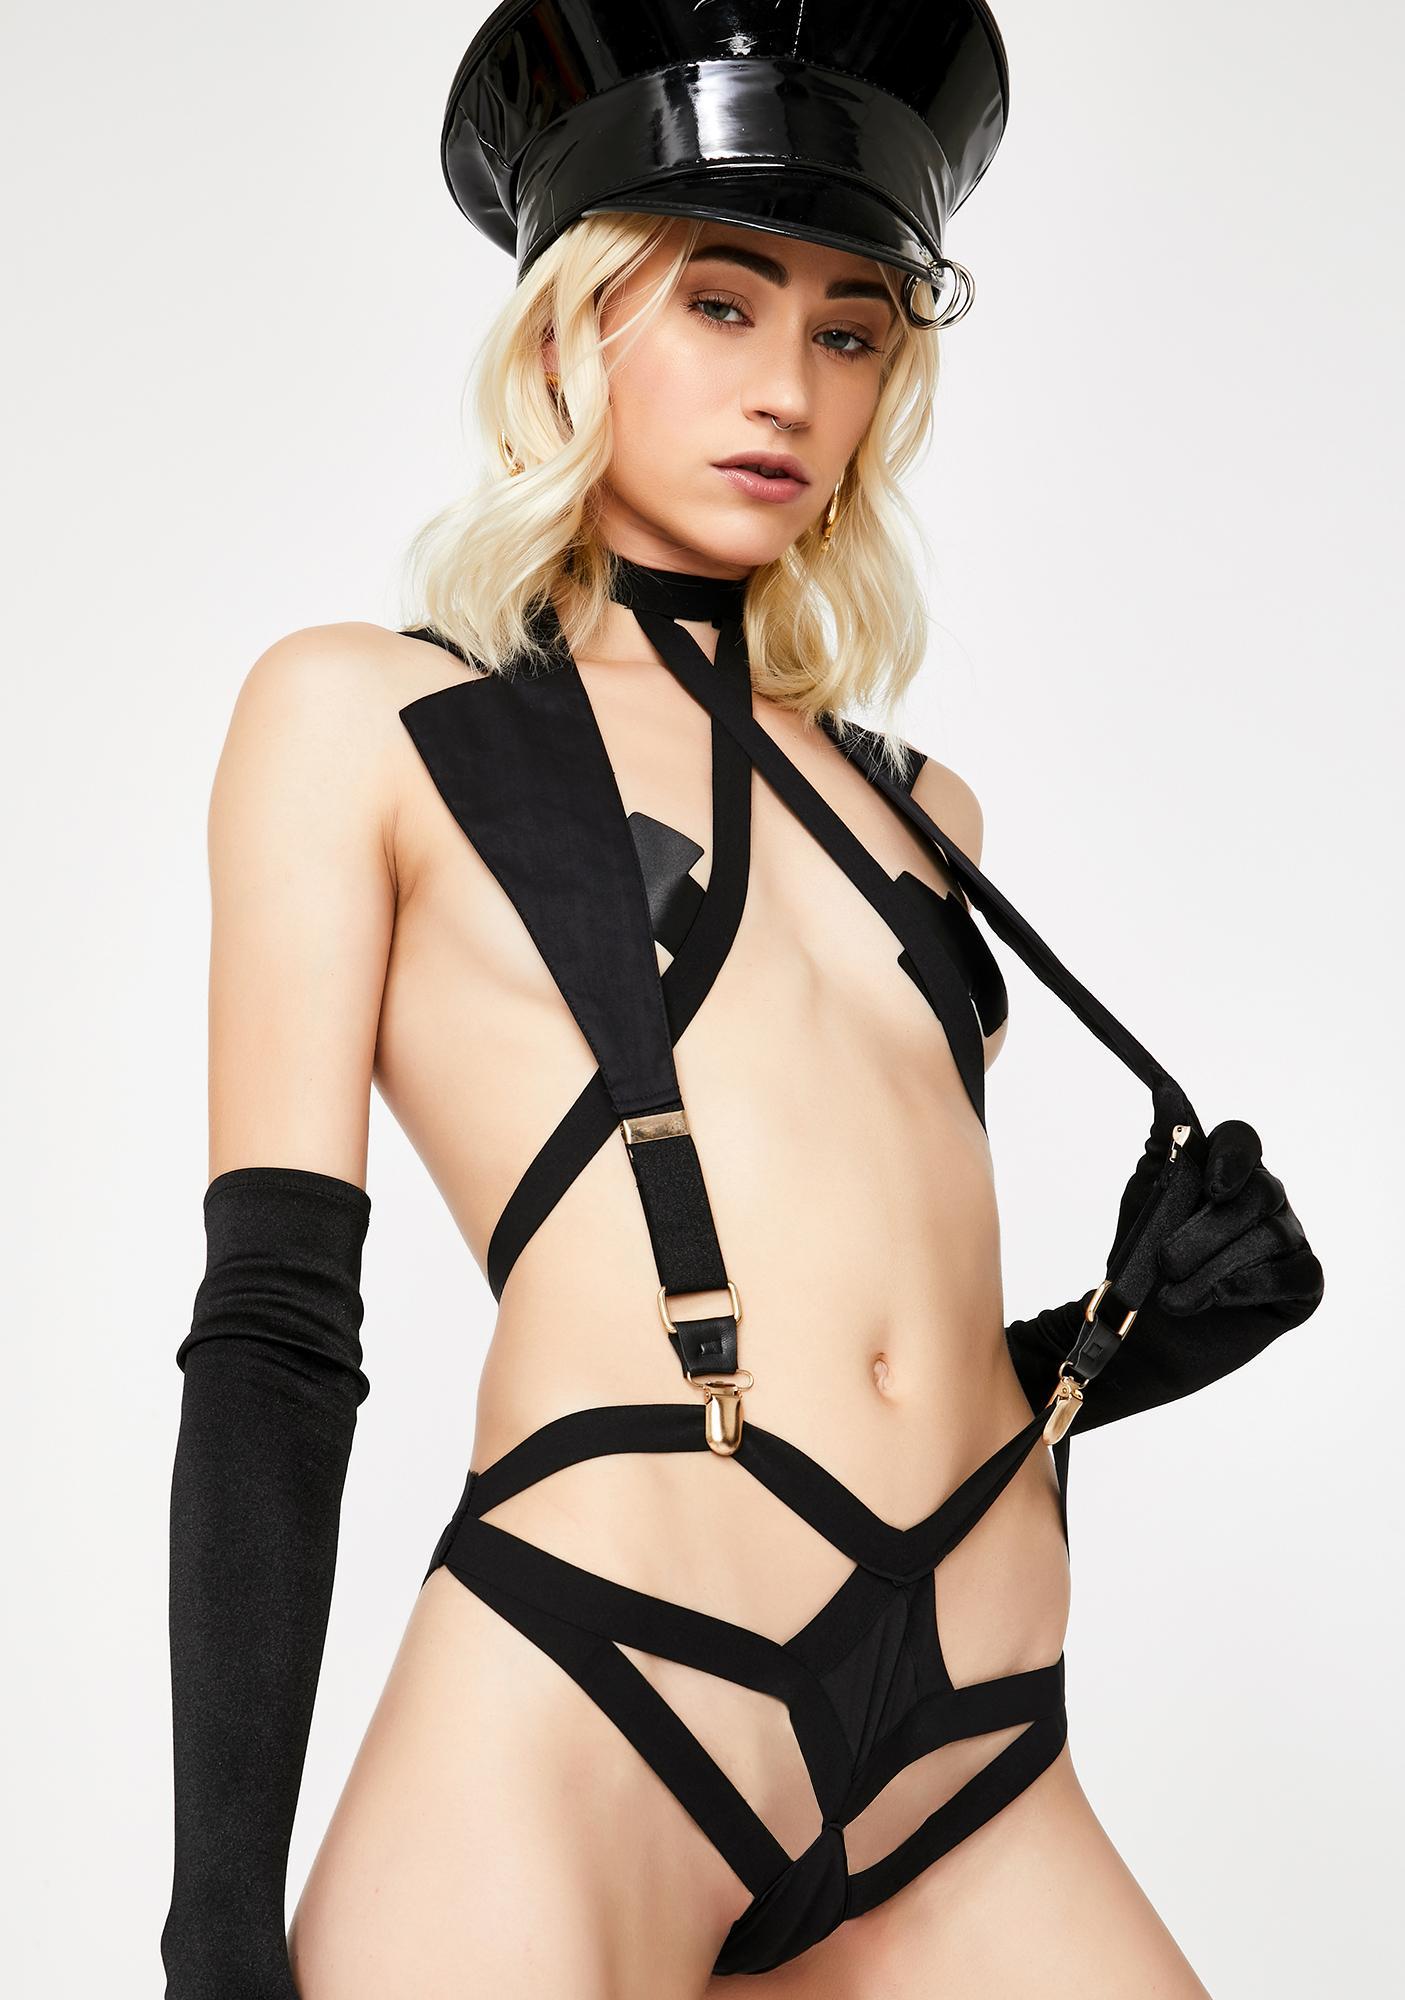 Next Stop Cut Out Bodysuit